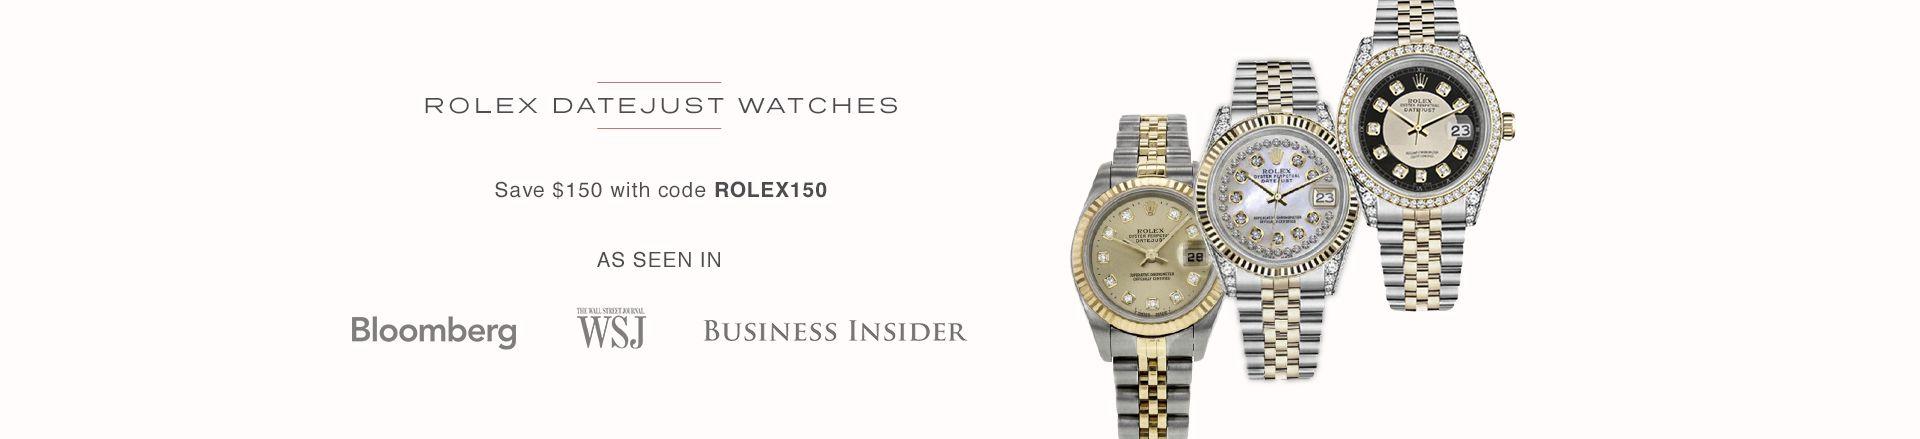 Rolex Datejust Watches